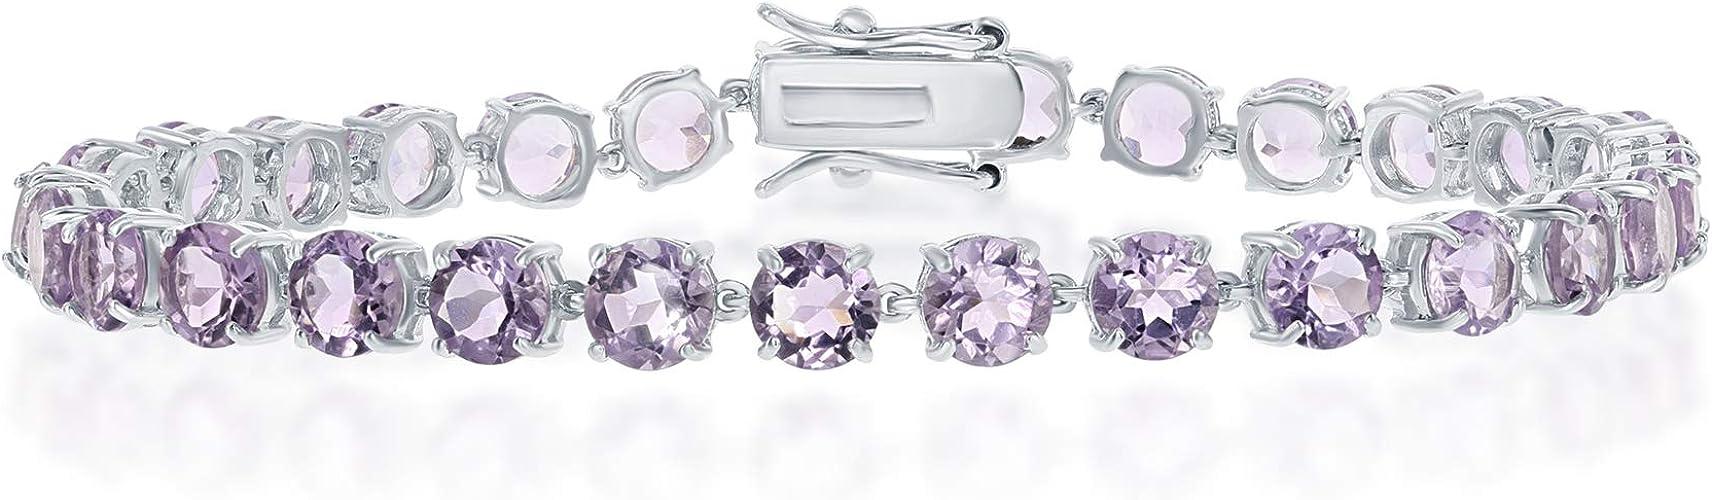 925 STERLING SILVER LADIES OPEN HEART ITALIAN BRACELET W// 2.50 CT DIAMONDS//7.5/'/'